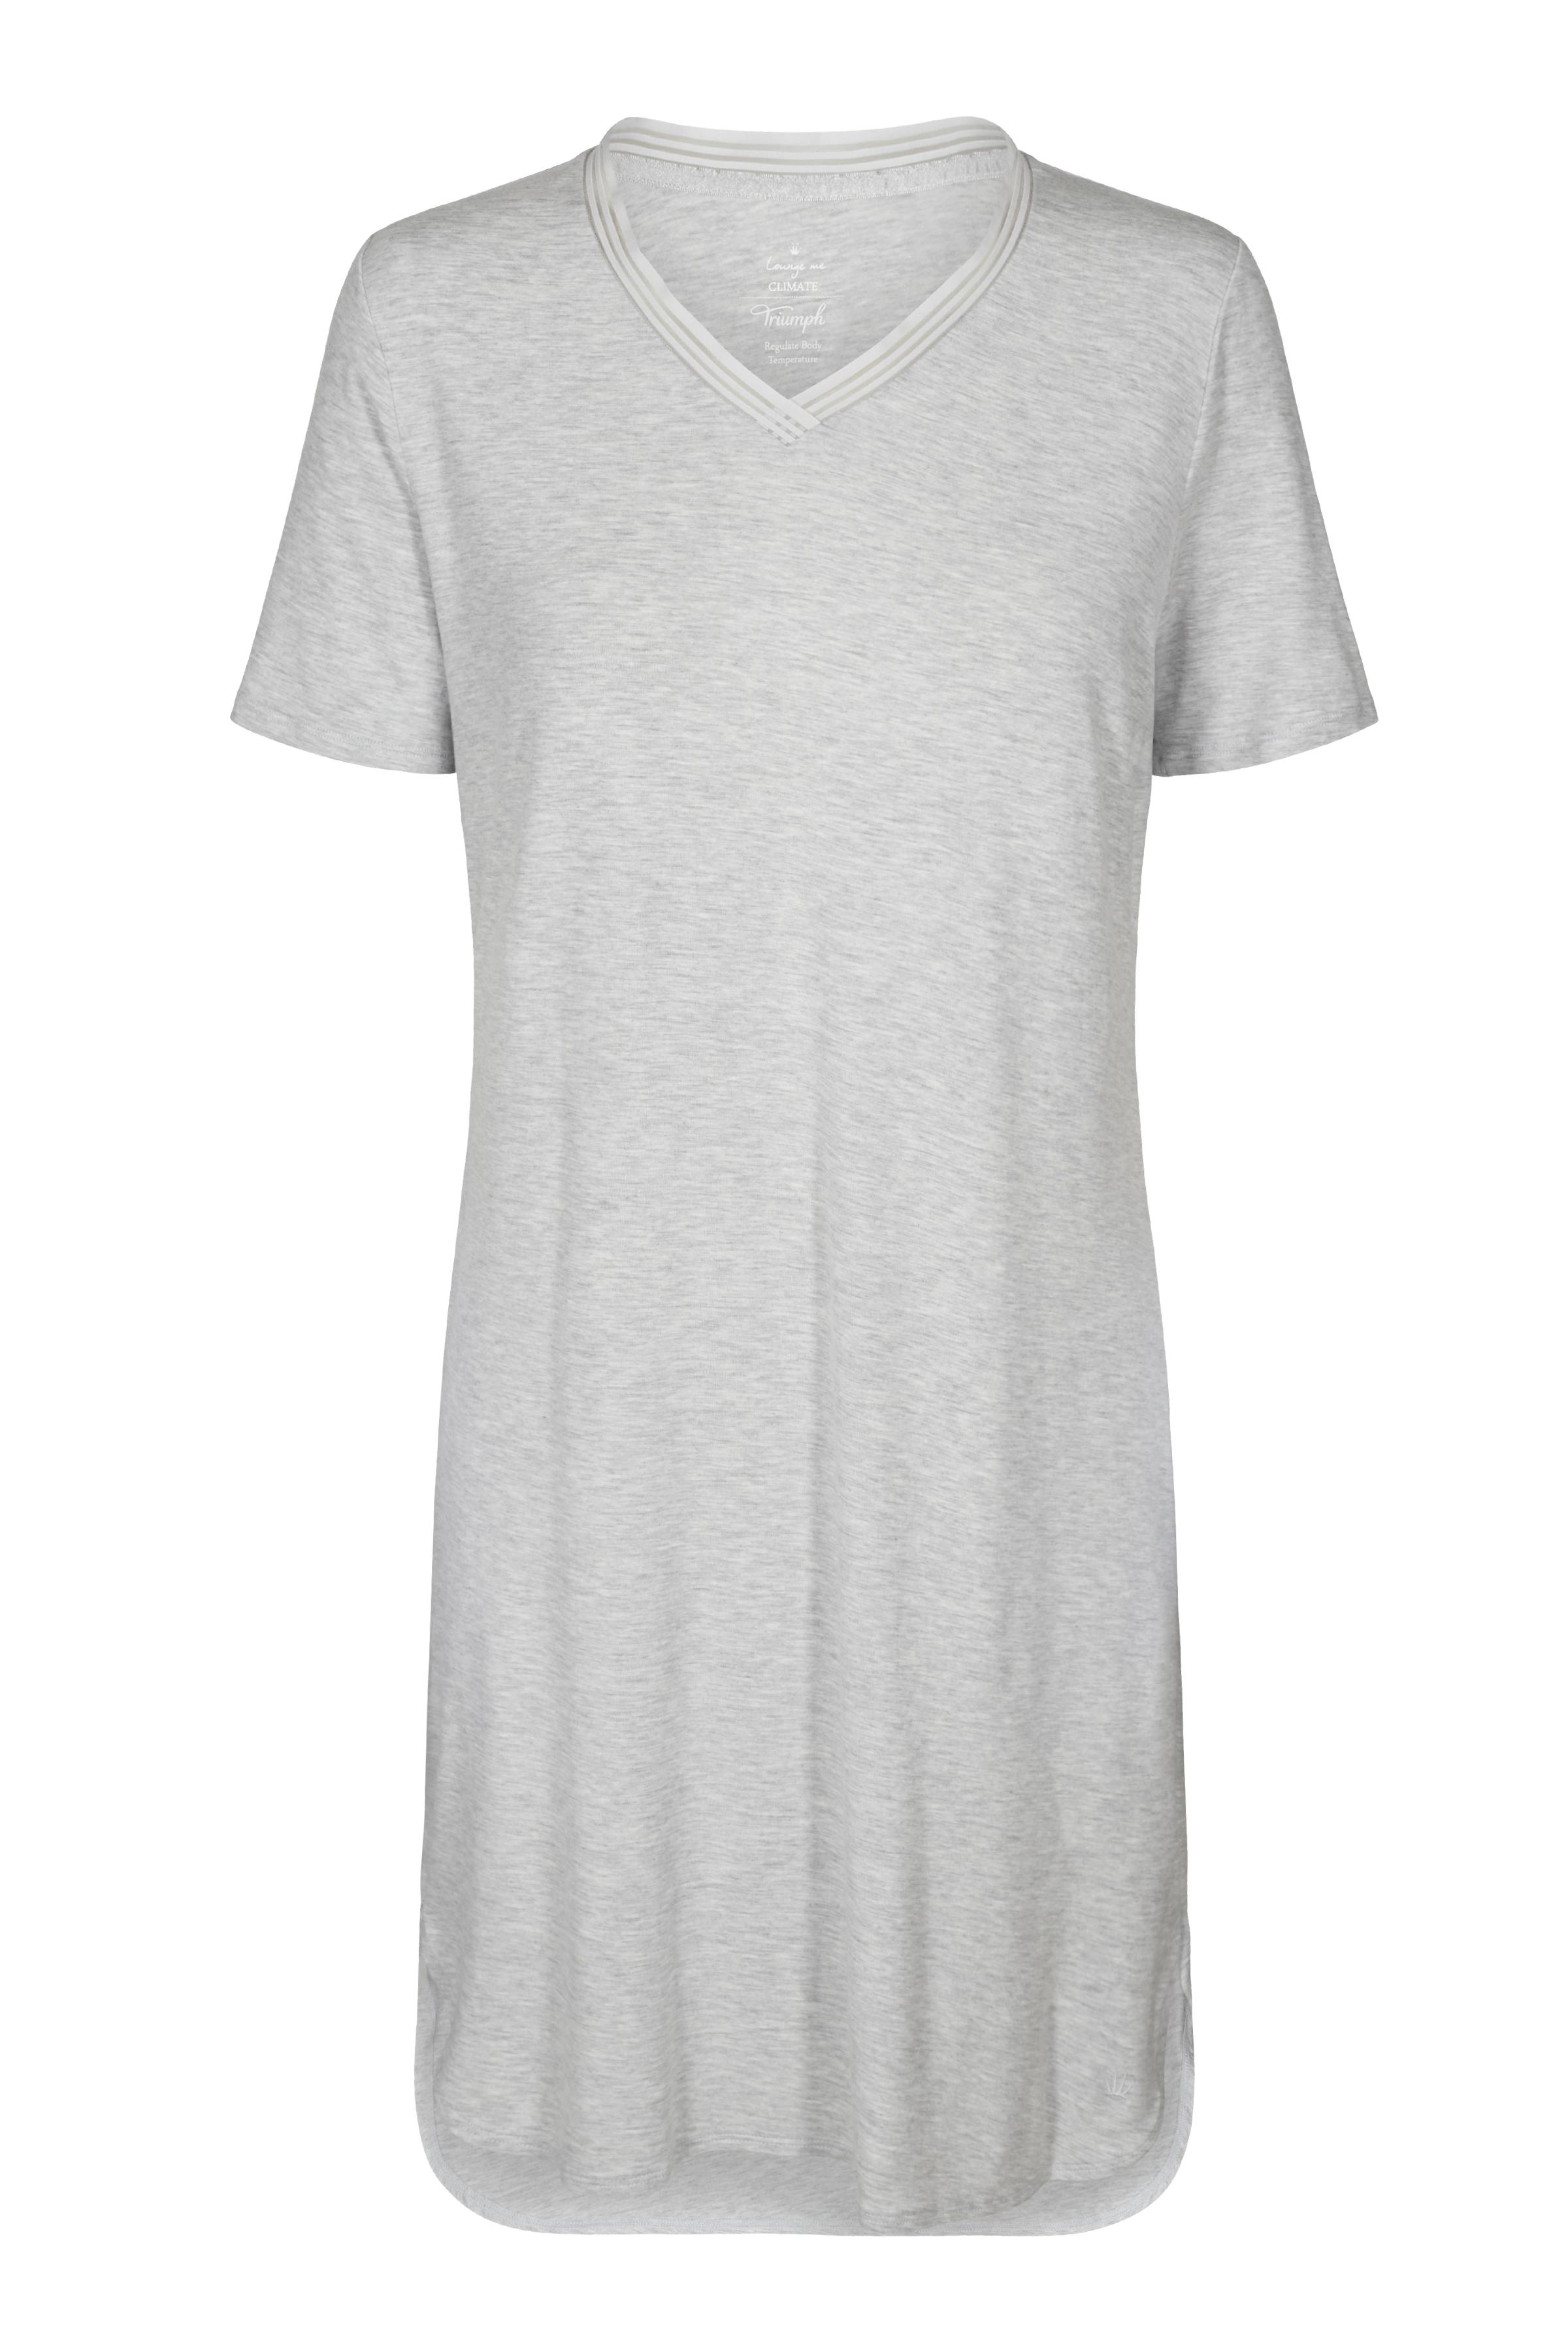 Image of Triumph Dame Homewear kjole - Climate Control - Gråmeleret